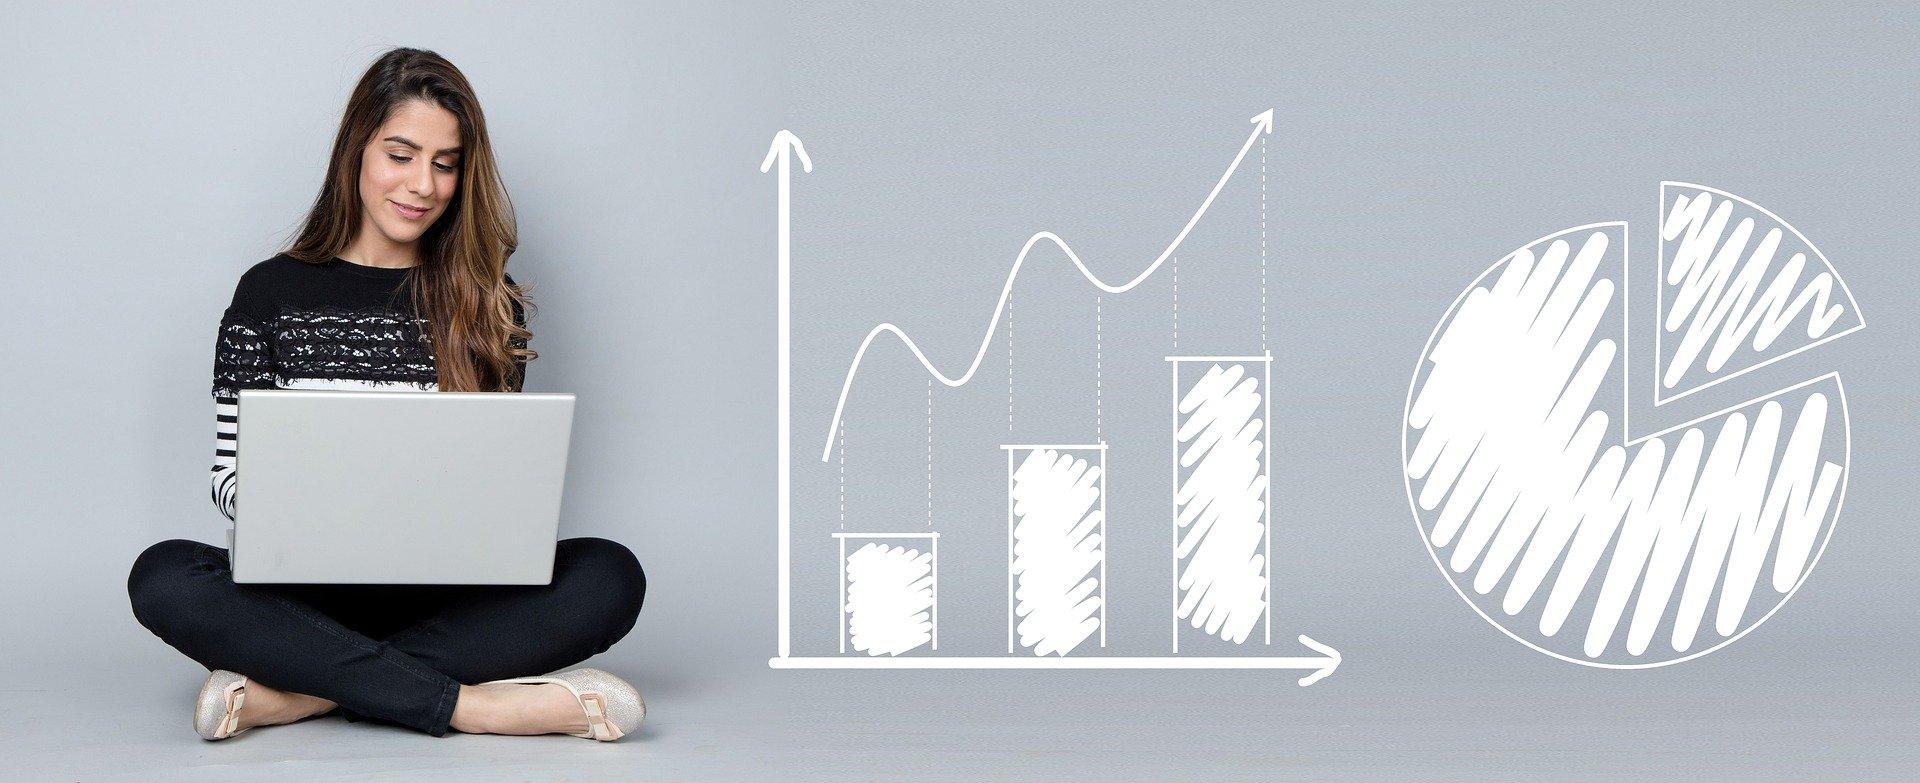 Analyser aksjer og selg på riktig tidspunkt